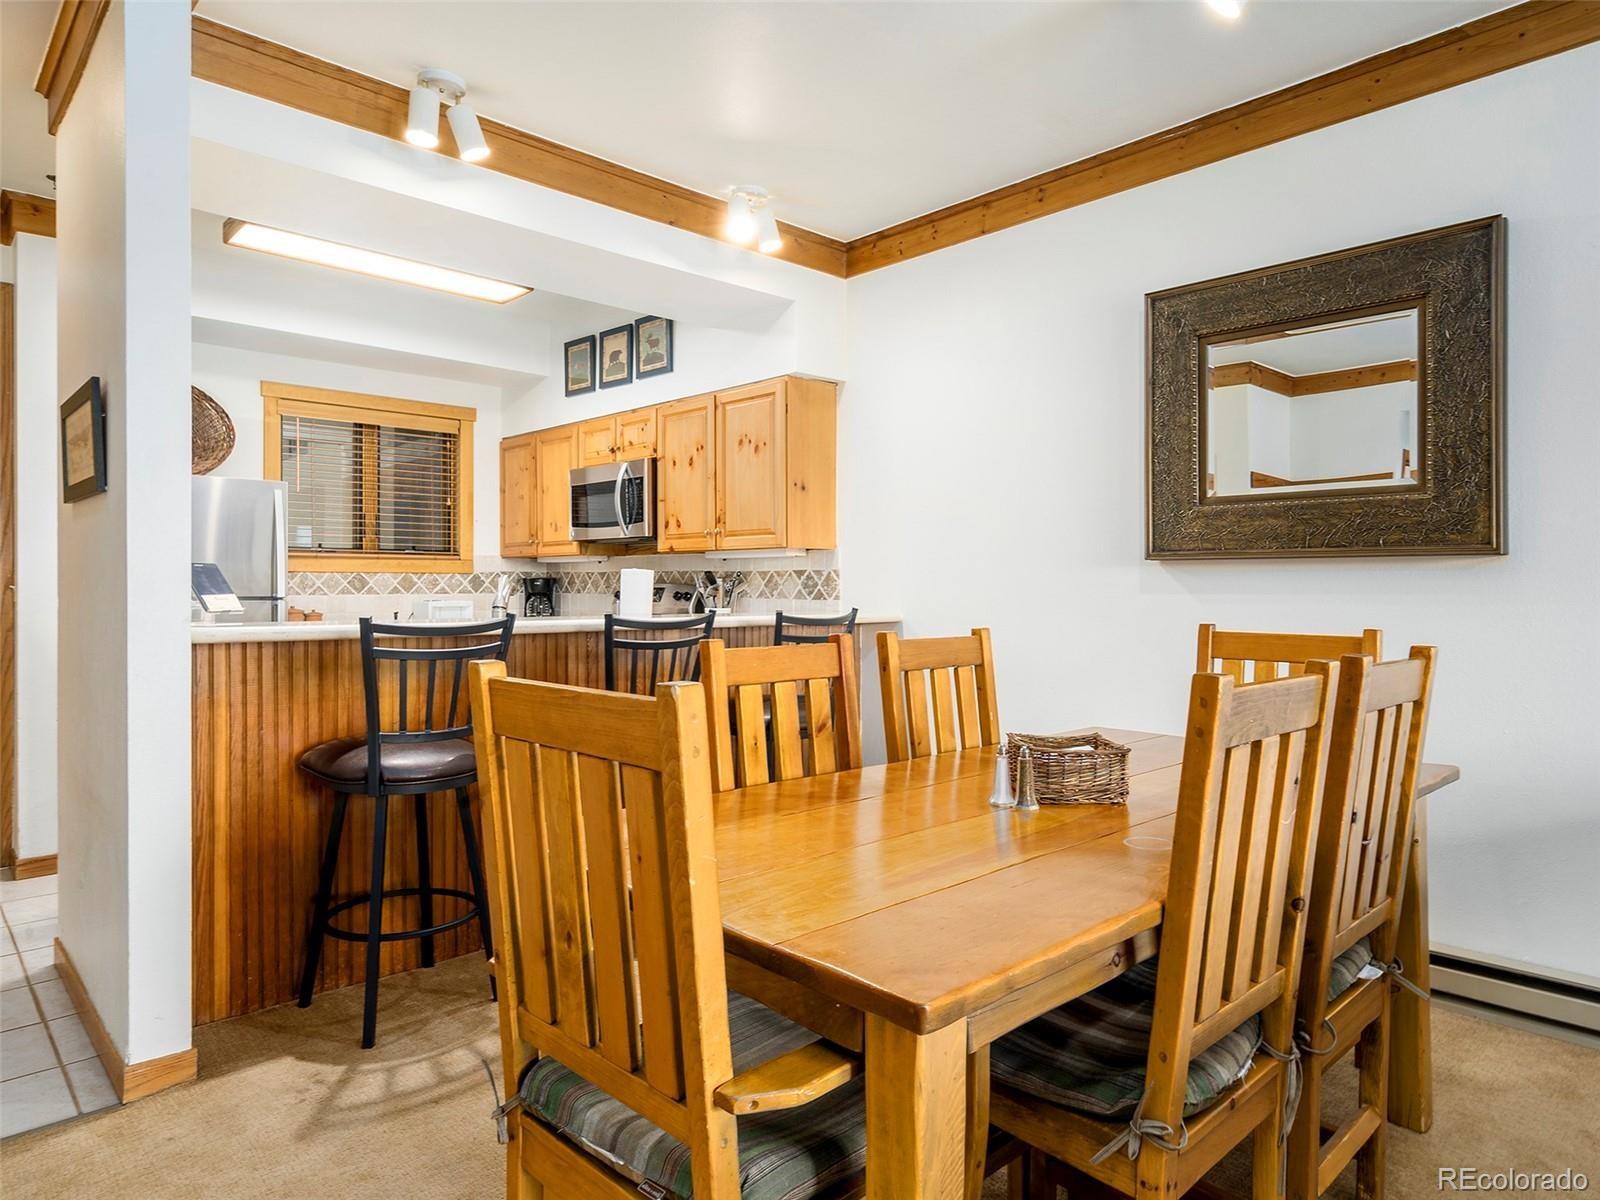 MLS# 1660420 - 6 - 2200 Apres Ski Way #110, Steamboat Springs, CO 80487